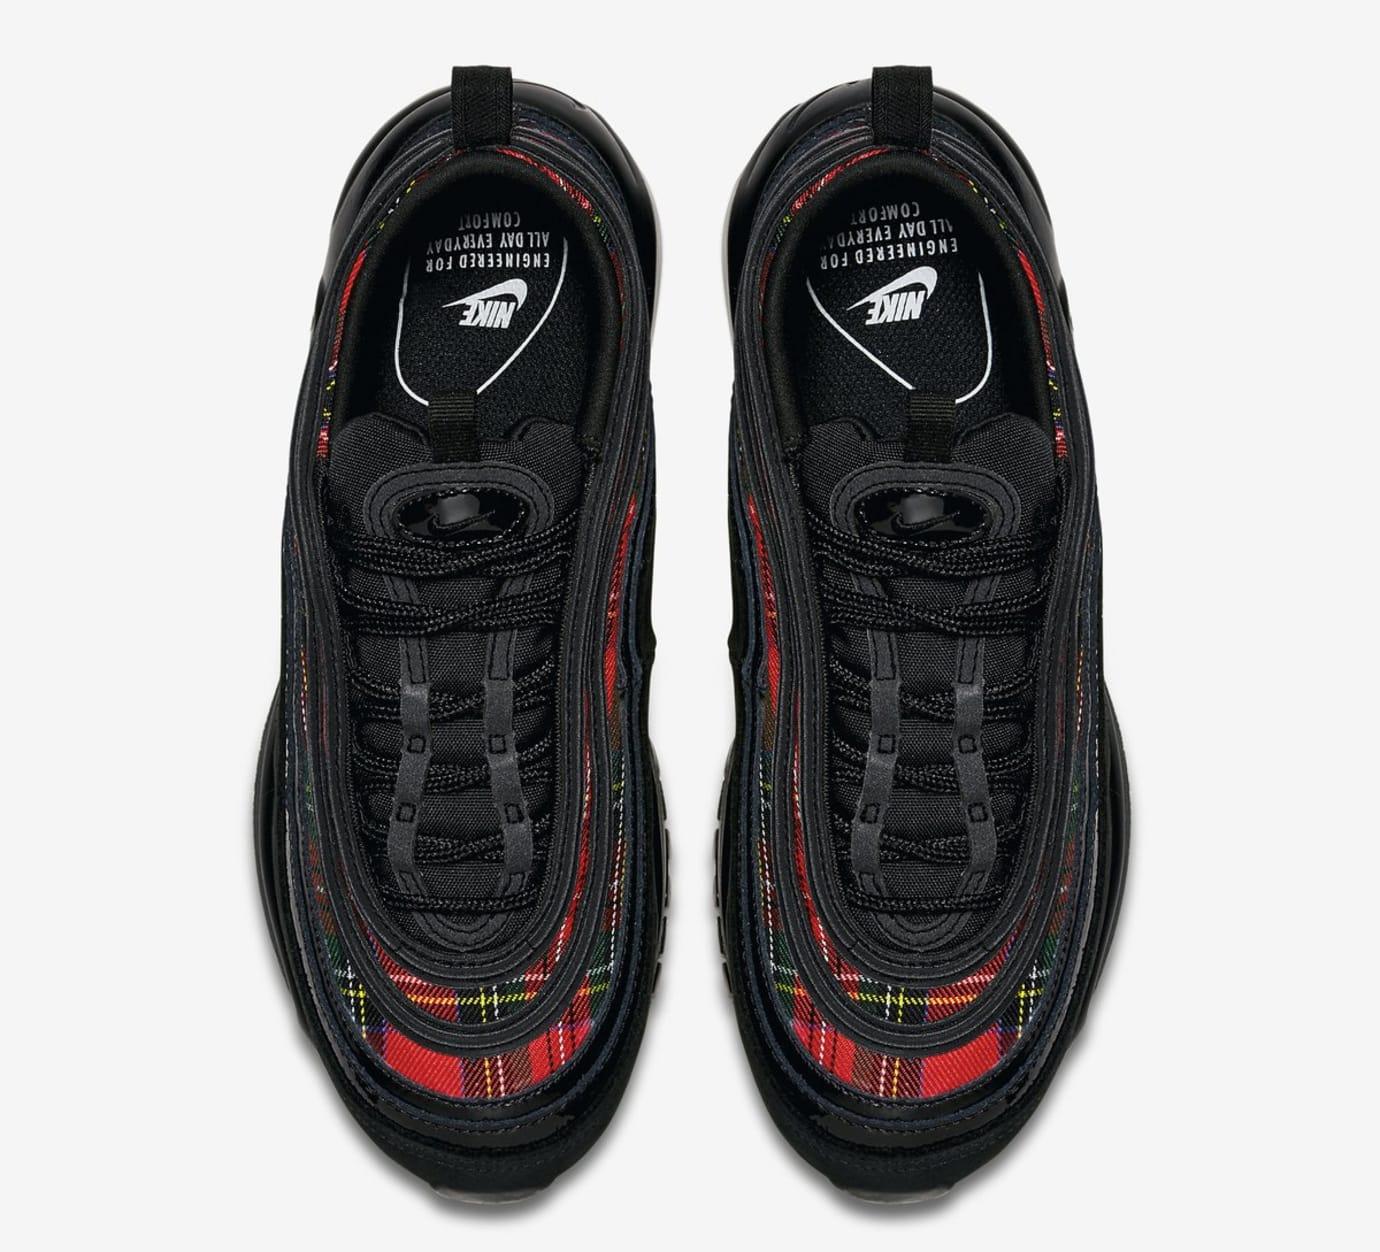 Nike Air Max 97 WMNS 'Tartan Pack' (Top)